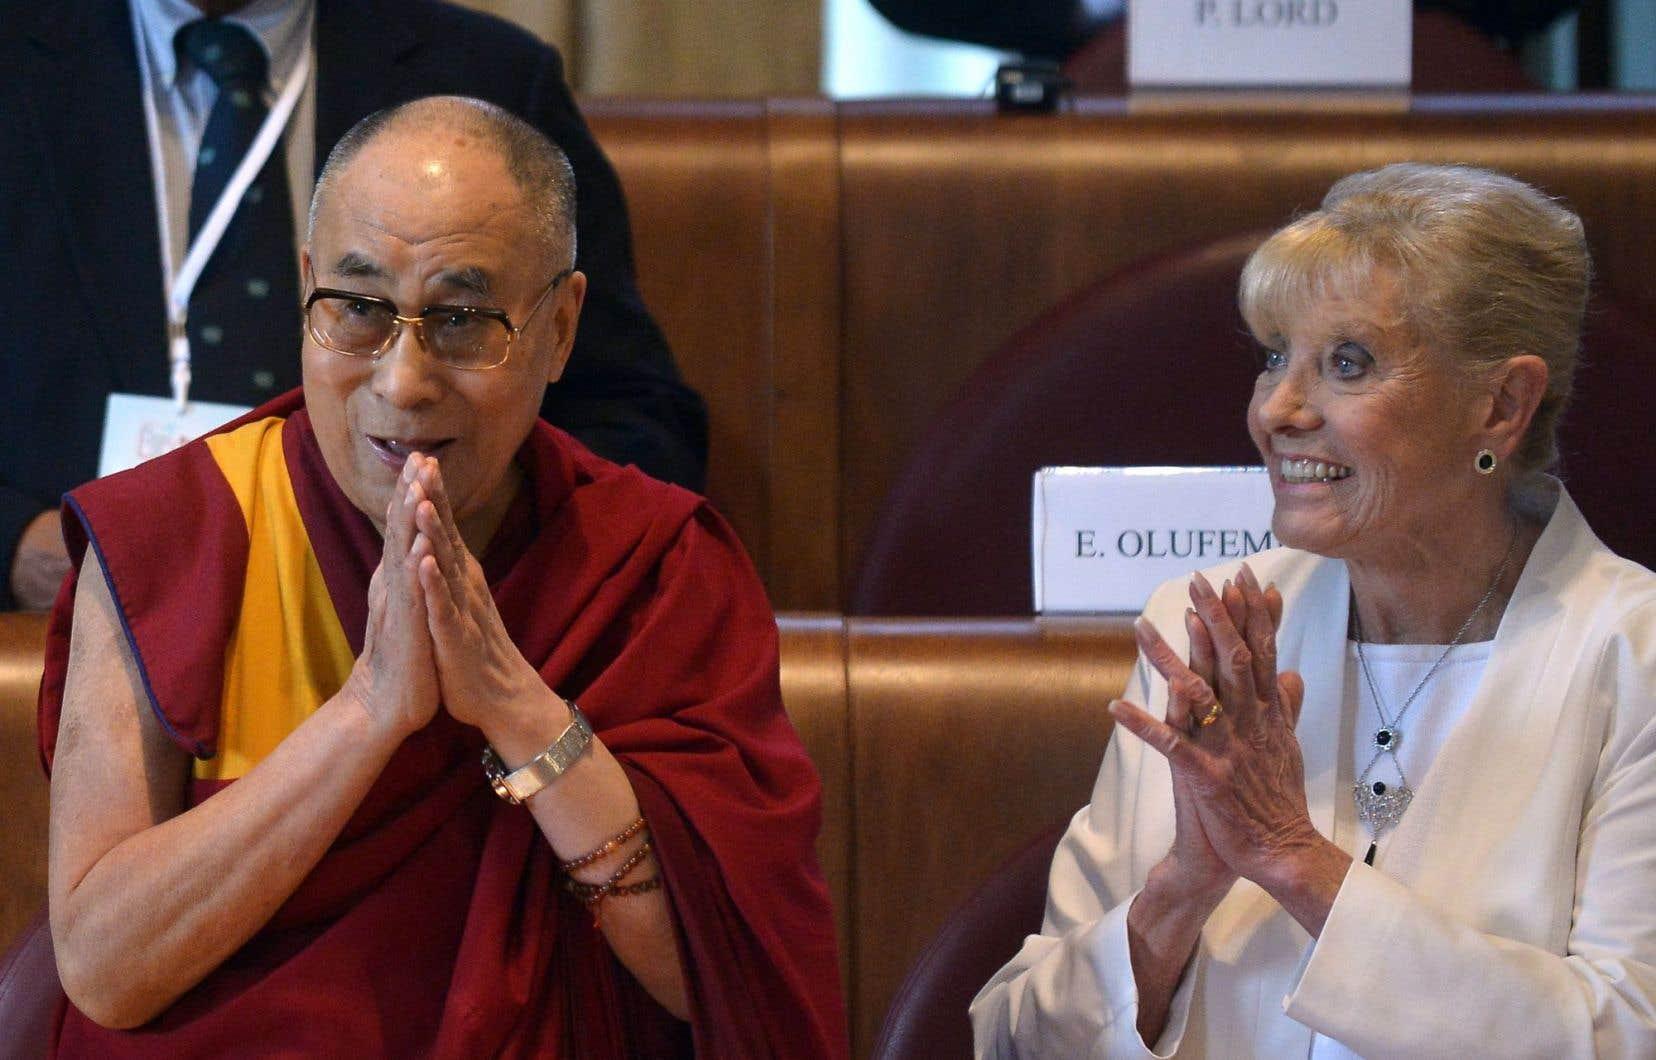 Le dalaï-lama et Betty Williams sont de ceux qui ont exprimé leur inquiétude à propos des puissances faisant usage de la force.